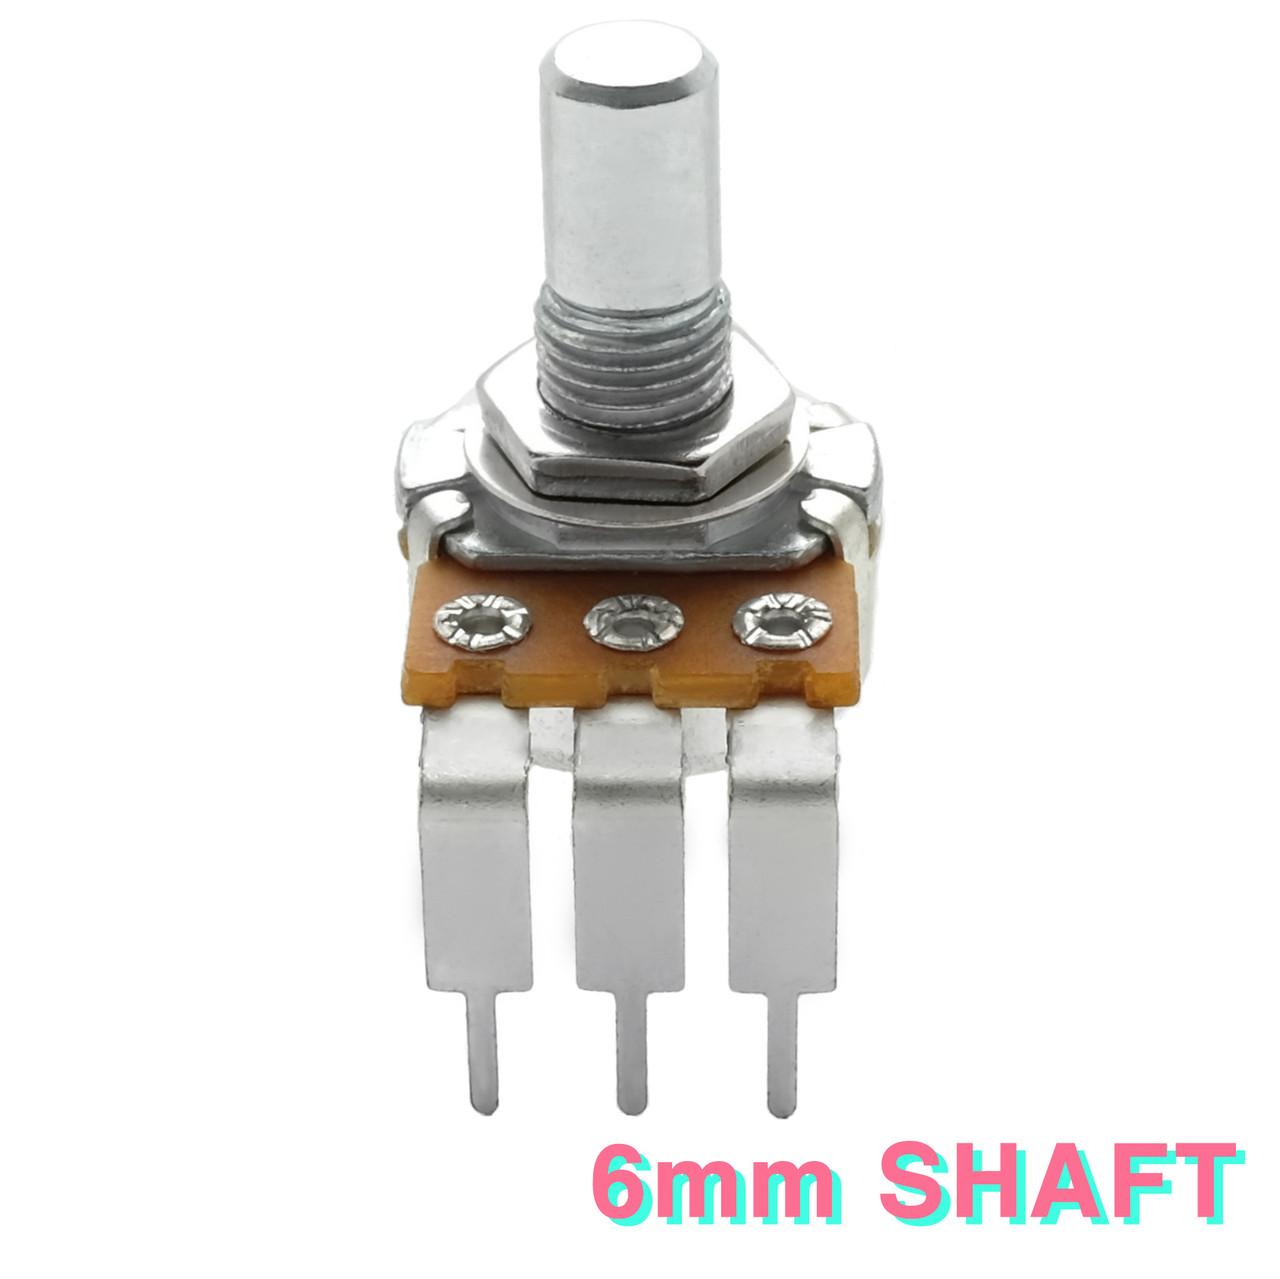 2 x 16mm Mini Alpha C500K 500K Reverse Taper Potentiometer Pot Knurled Shaft